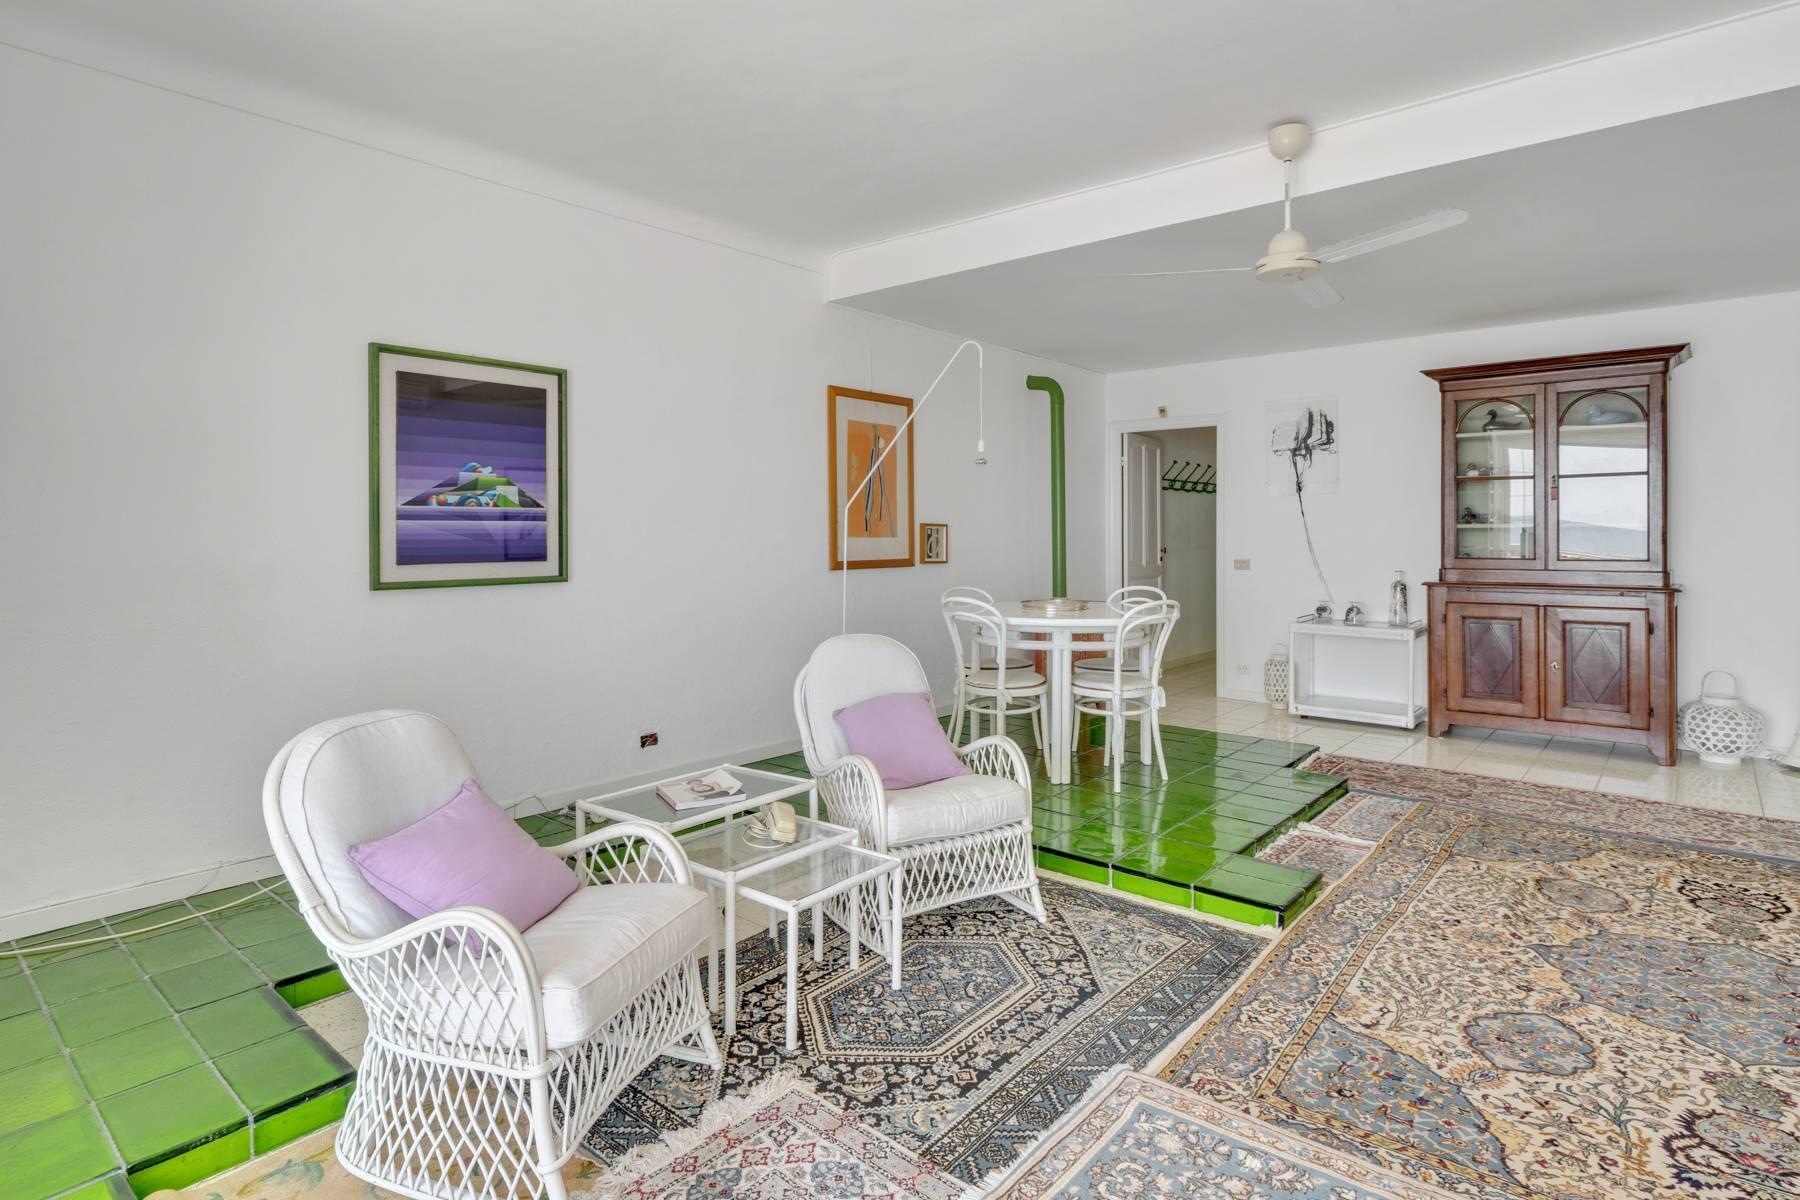 Casa indipendente in Vendita a Alassio: 5 locali, 230 mq - Foto 5